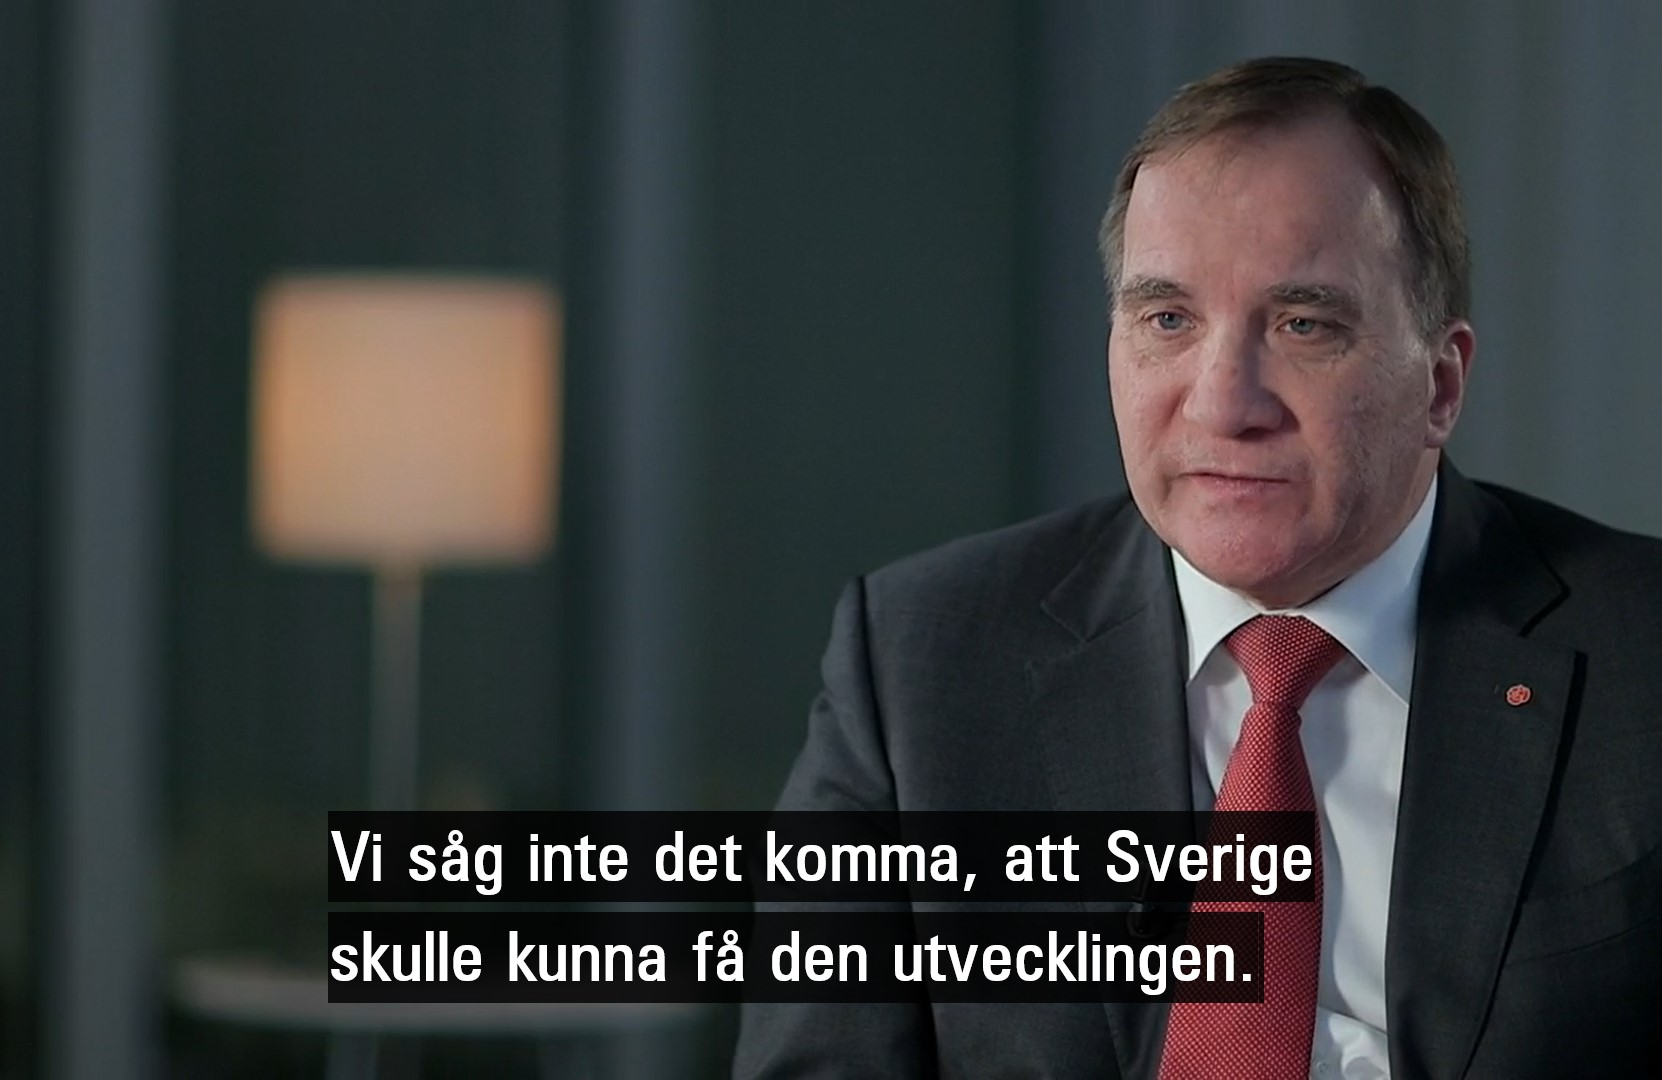 Stenhård kritik mot Stefan Löfven från alla håll - Samtiden